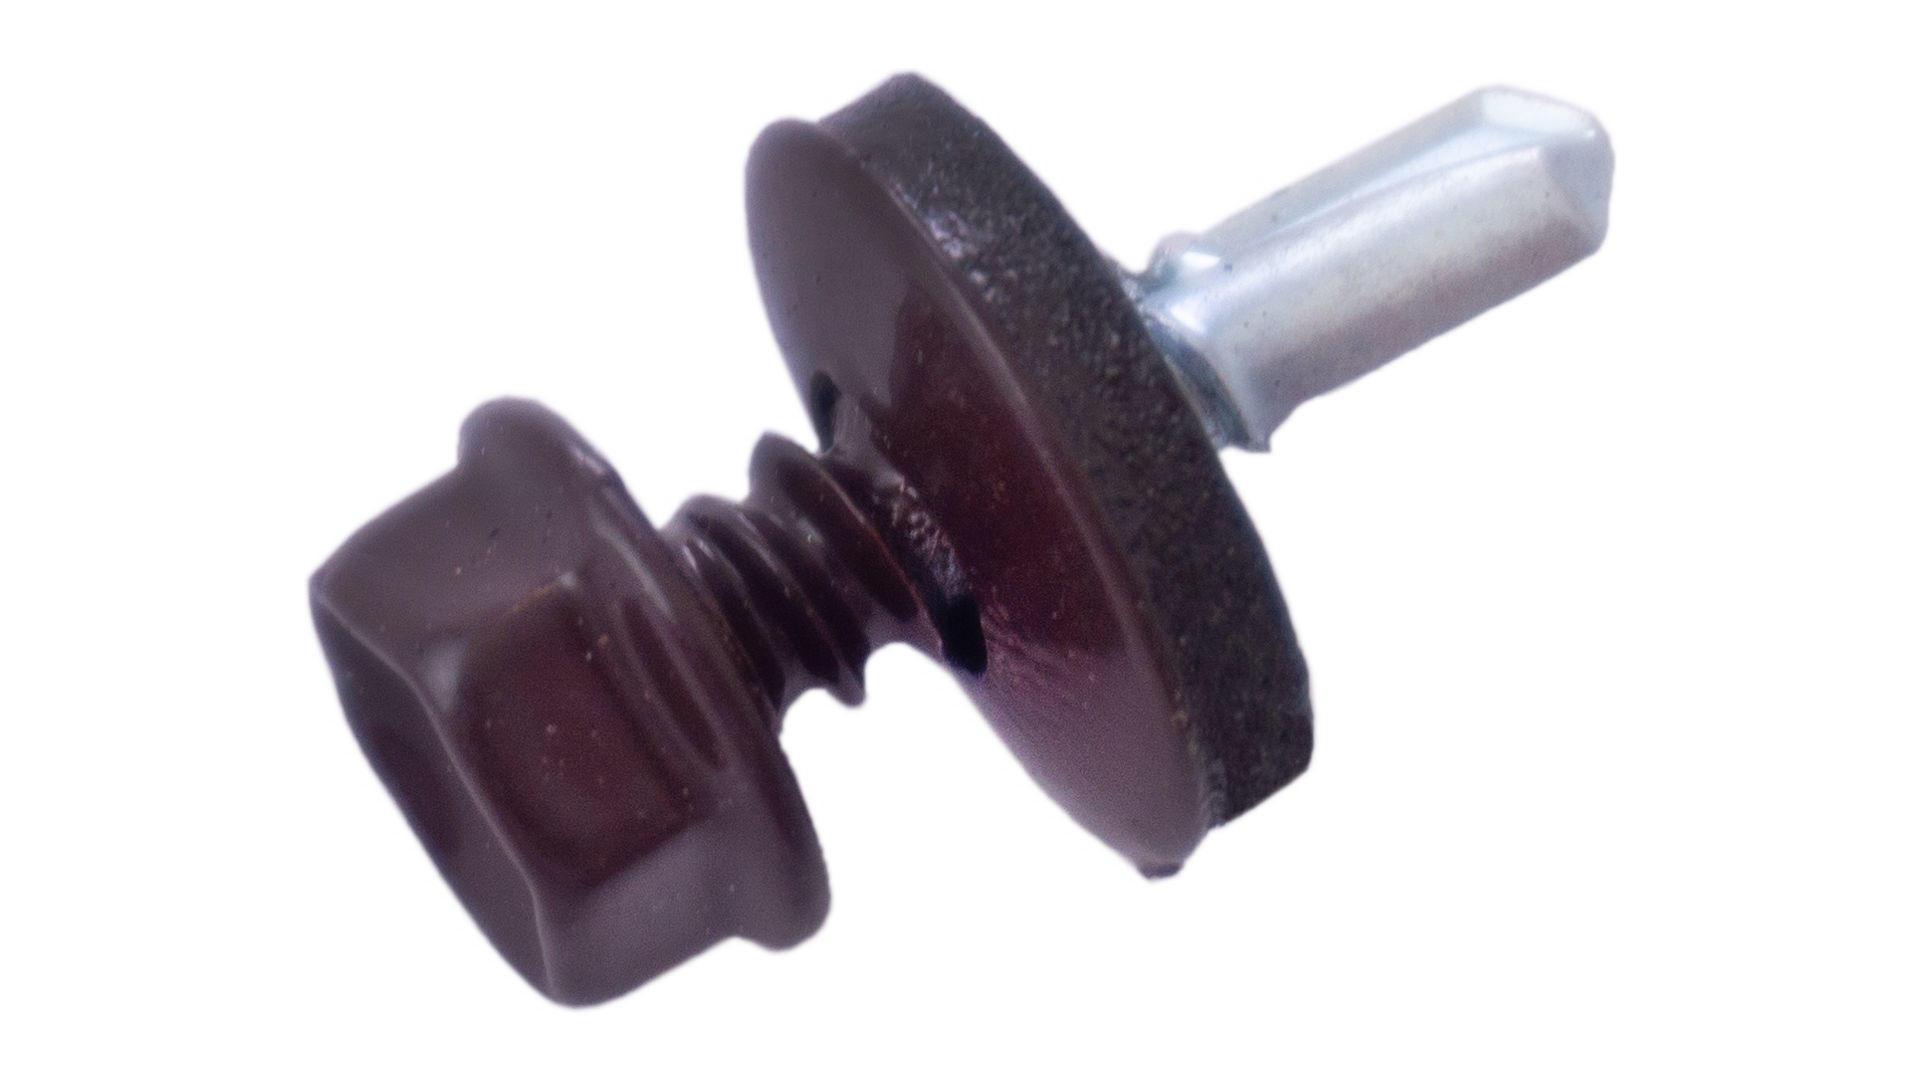 Саморез кровельный Apro - 4,8 x 19 мм RAL 8017 (50 шт.) 4